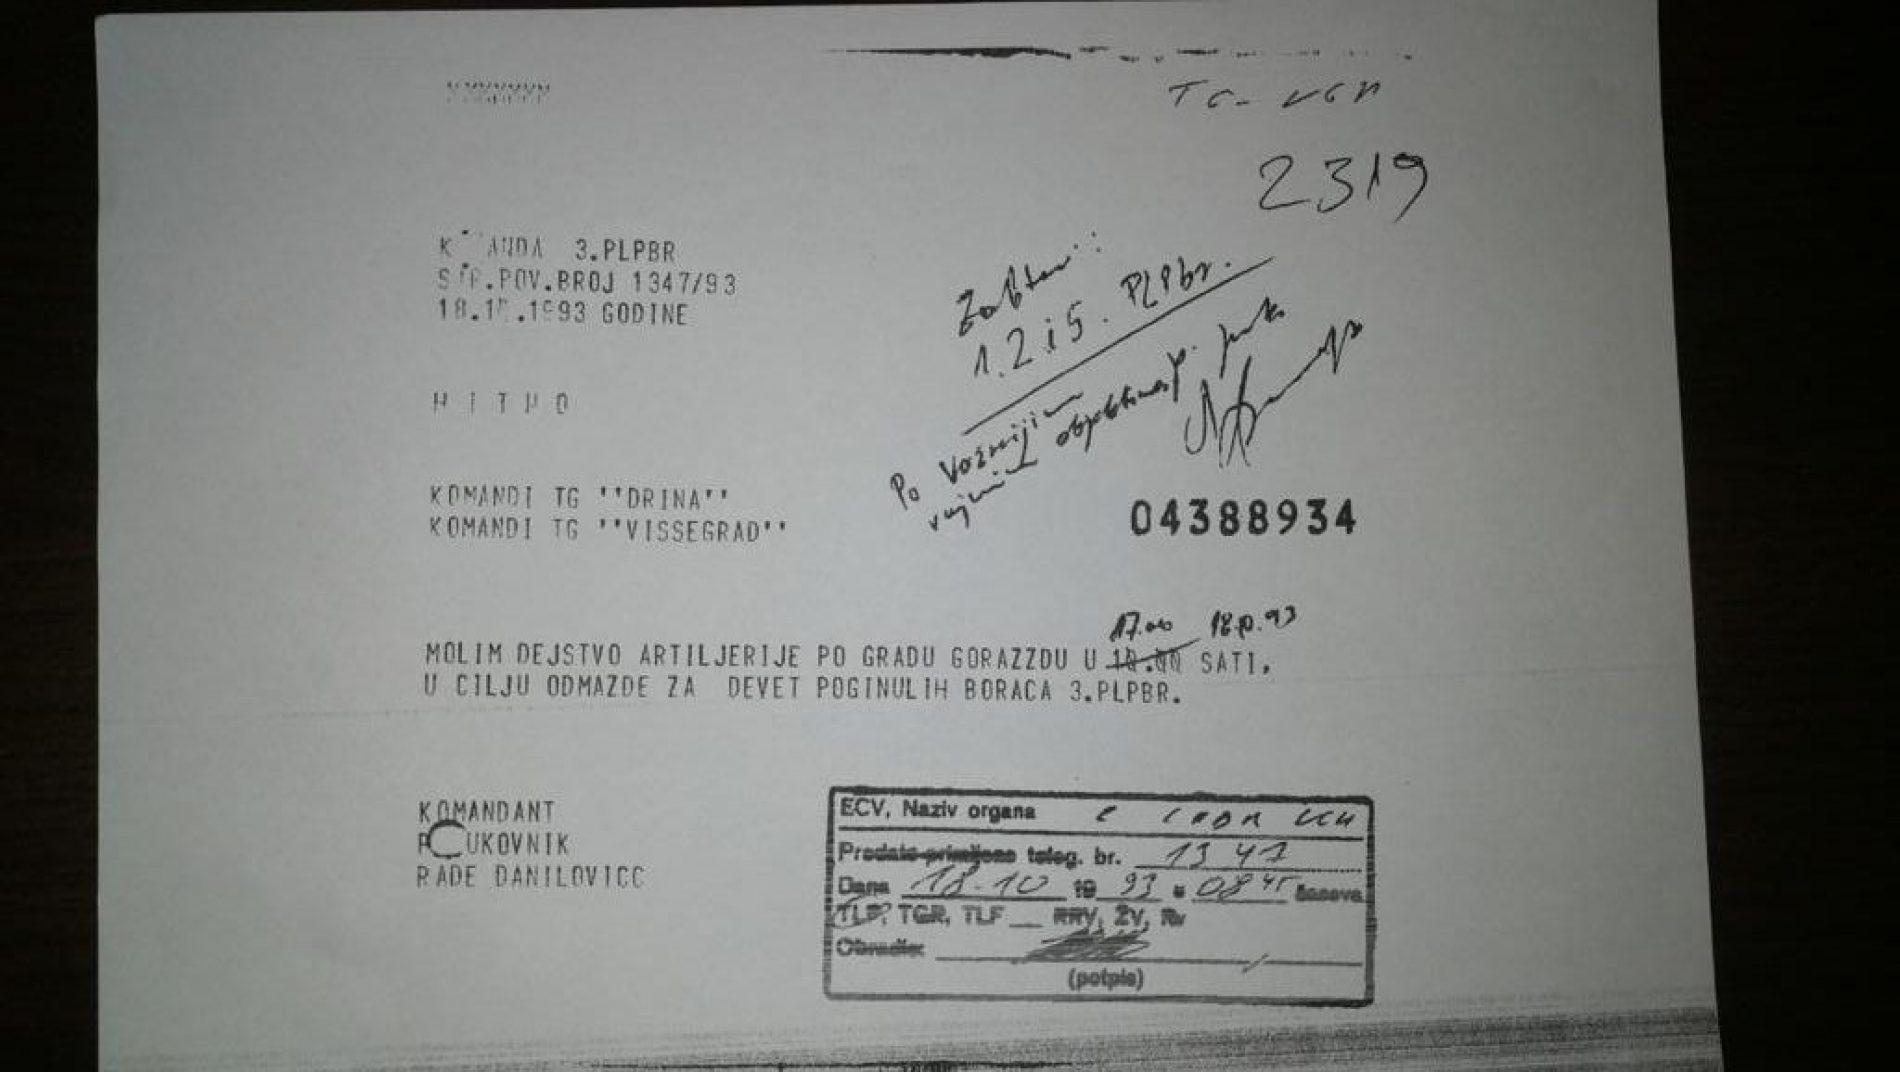 """Apsurdi: Zašto je na slobodi Rade Danilović  koji je tražio granatiranje Goražda """"u cilju odmazde""""!?"""